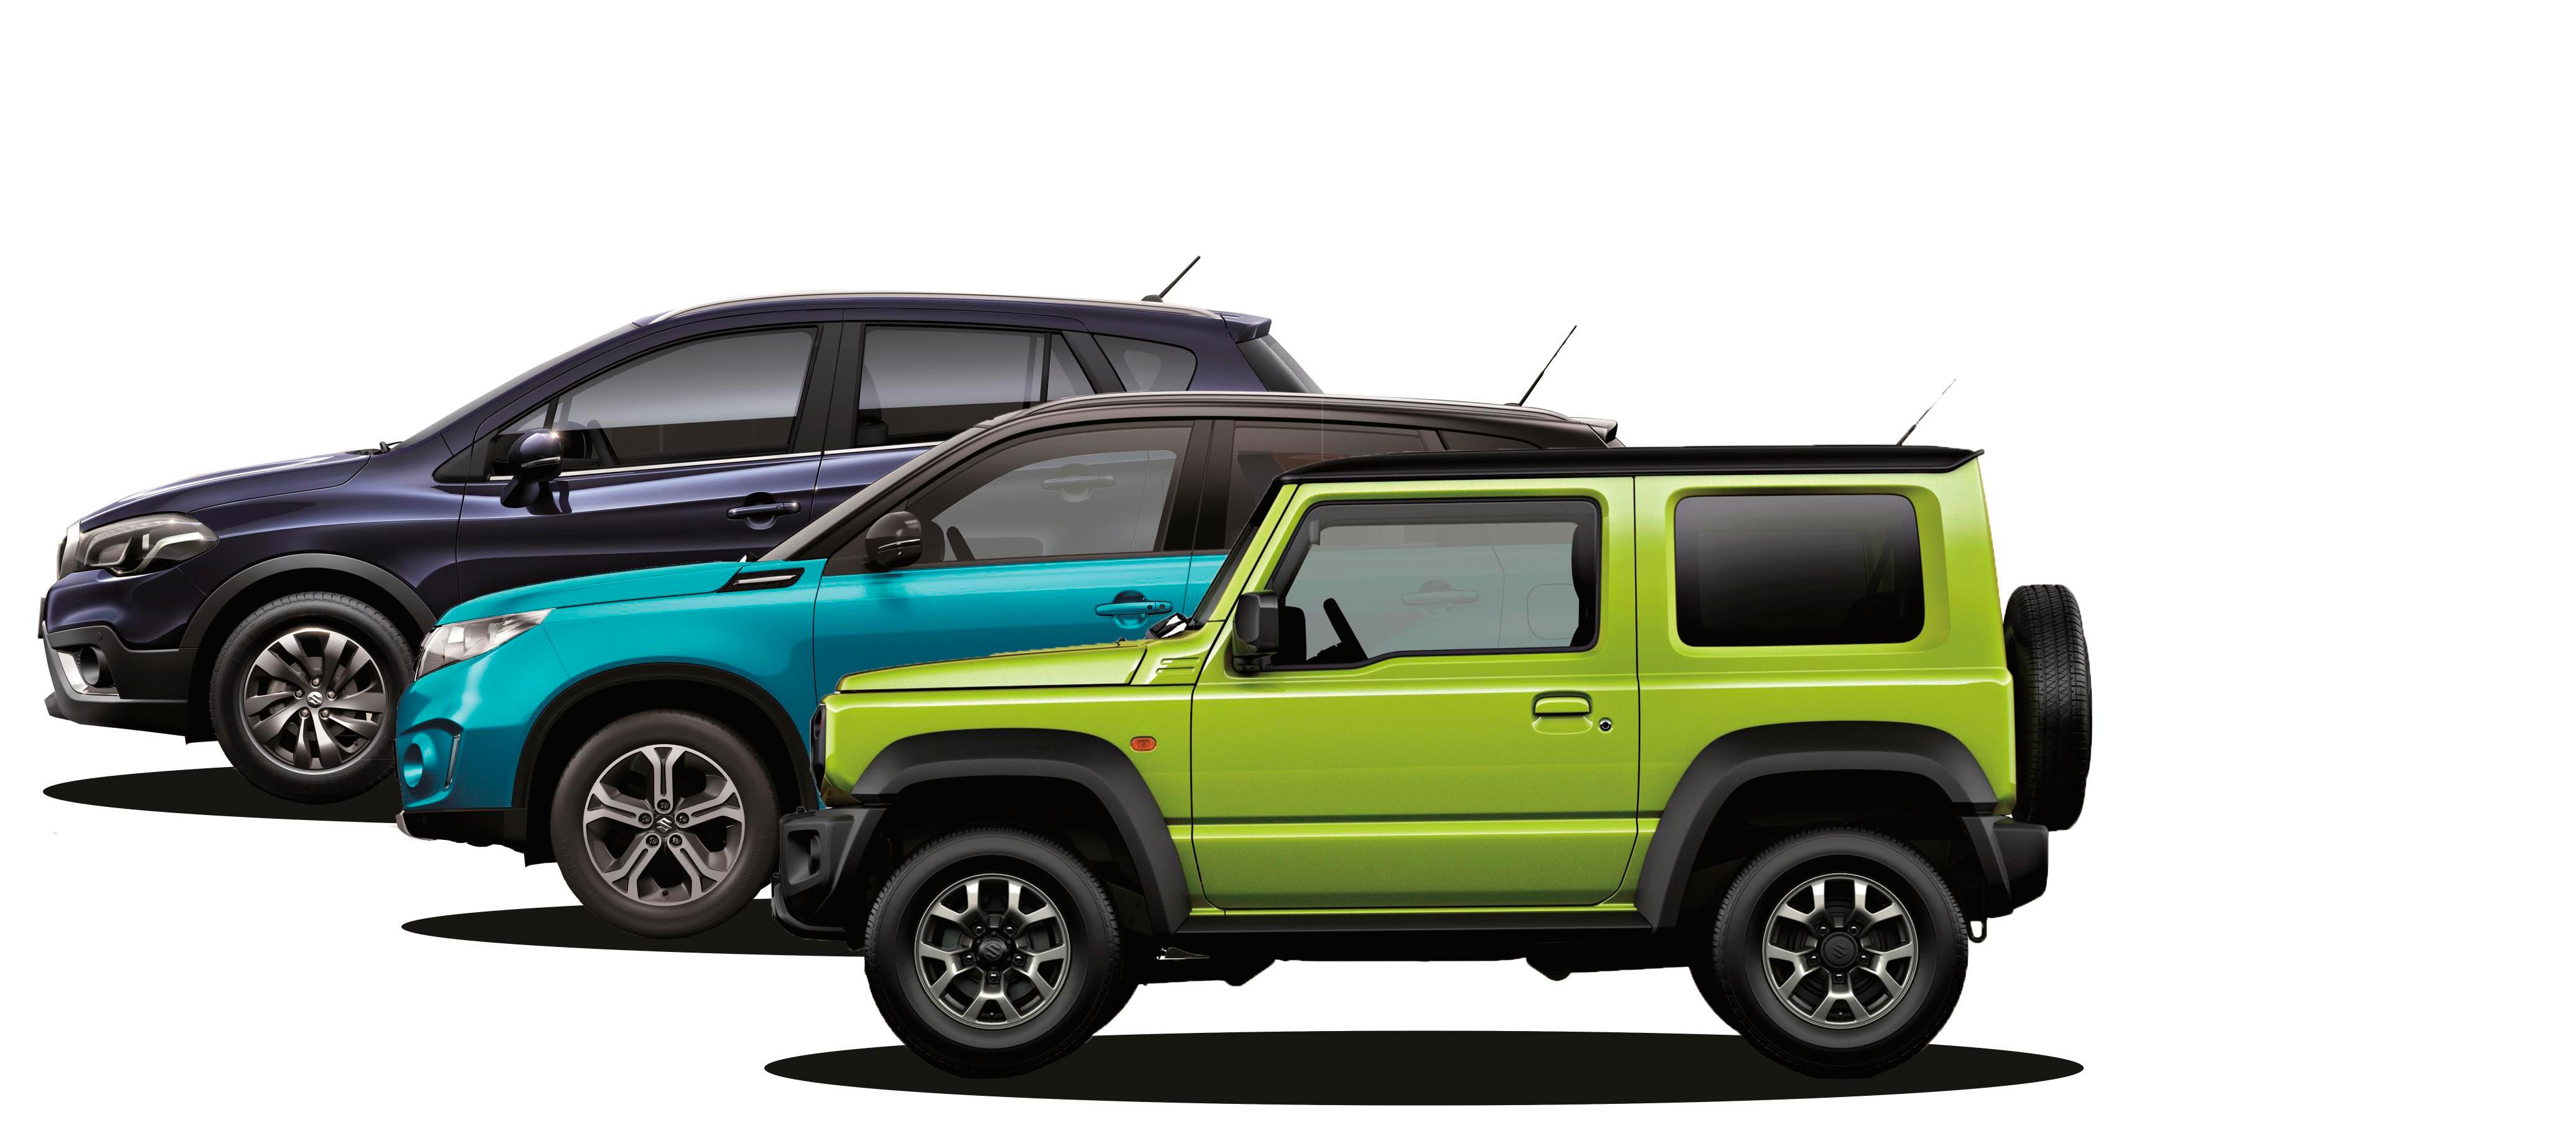 Suzuki pionero en el mundo SUV y Crossover